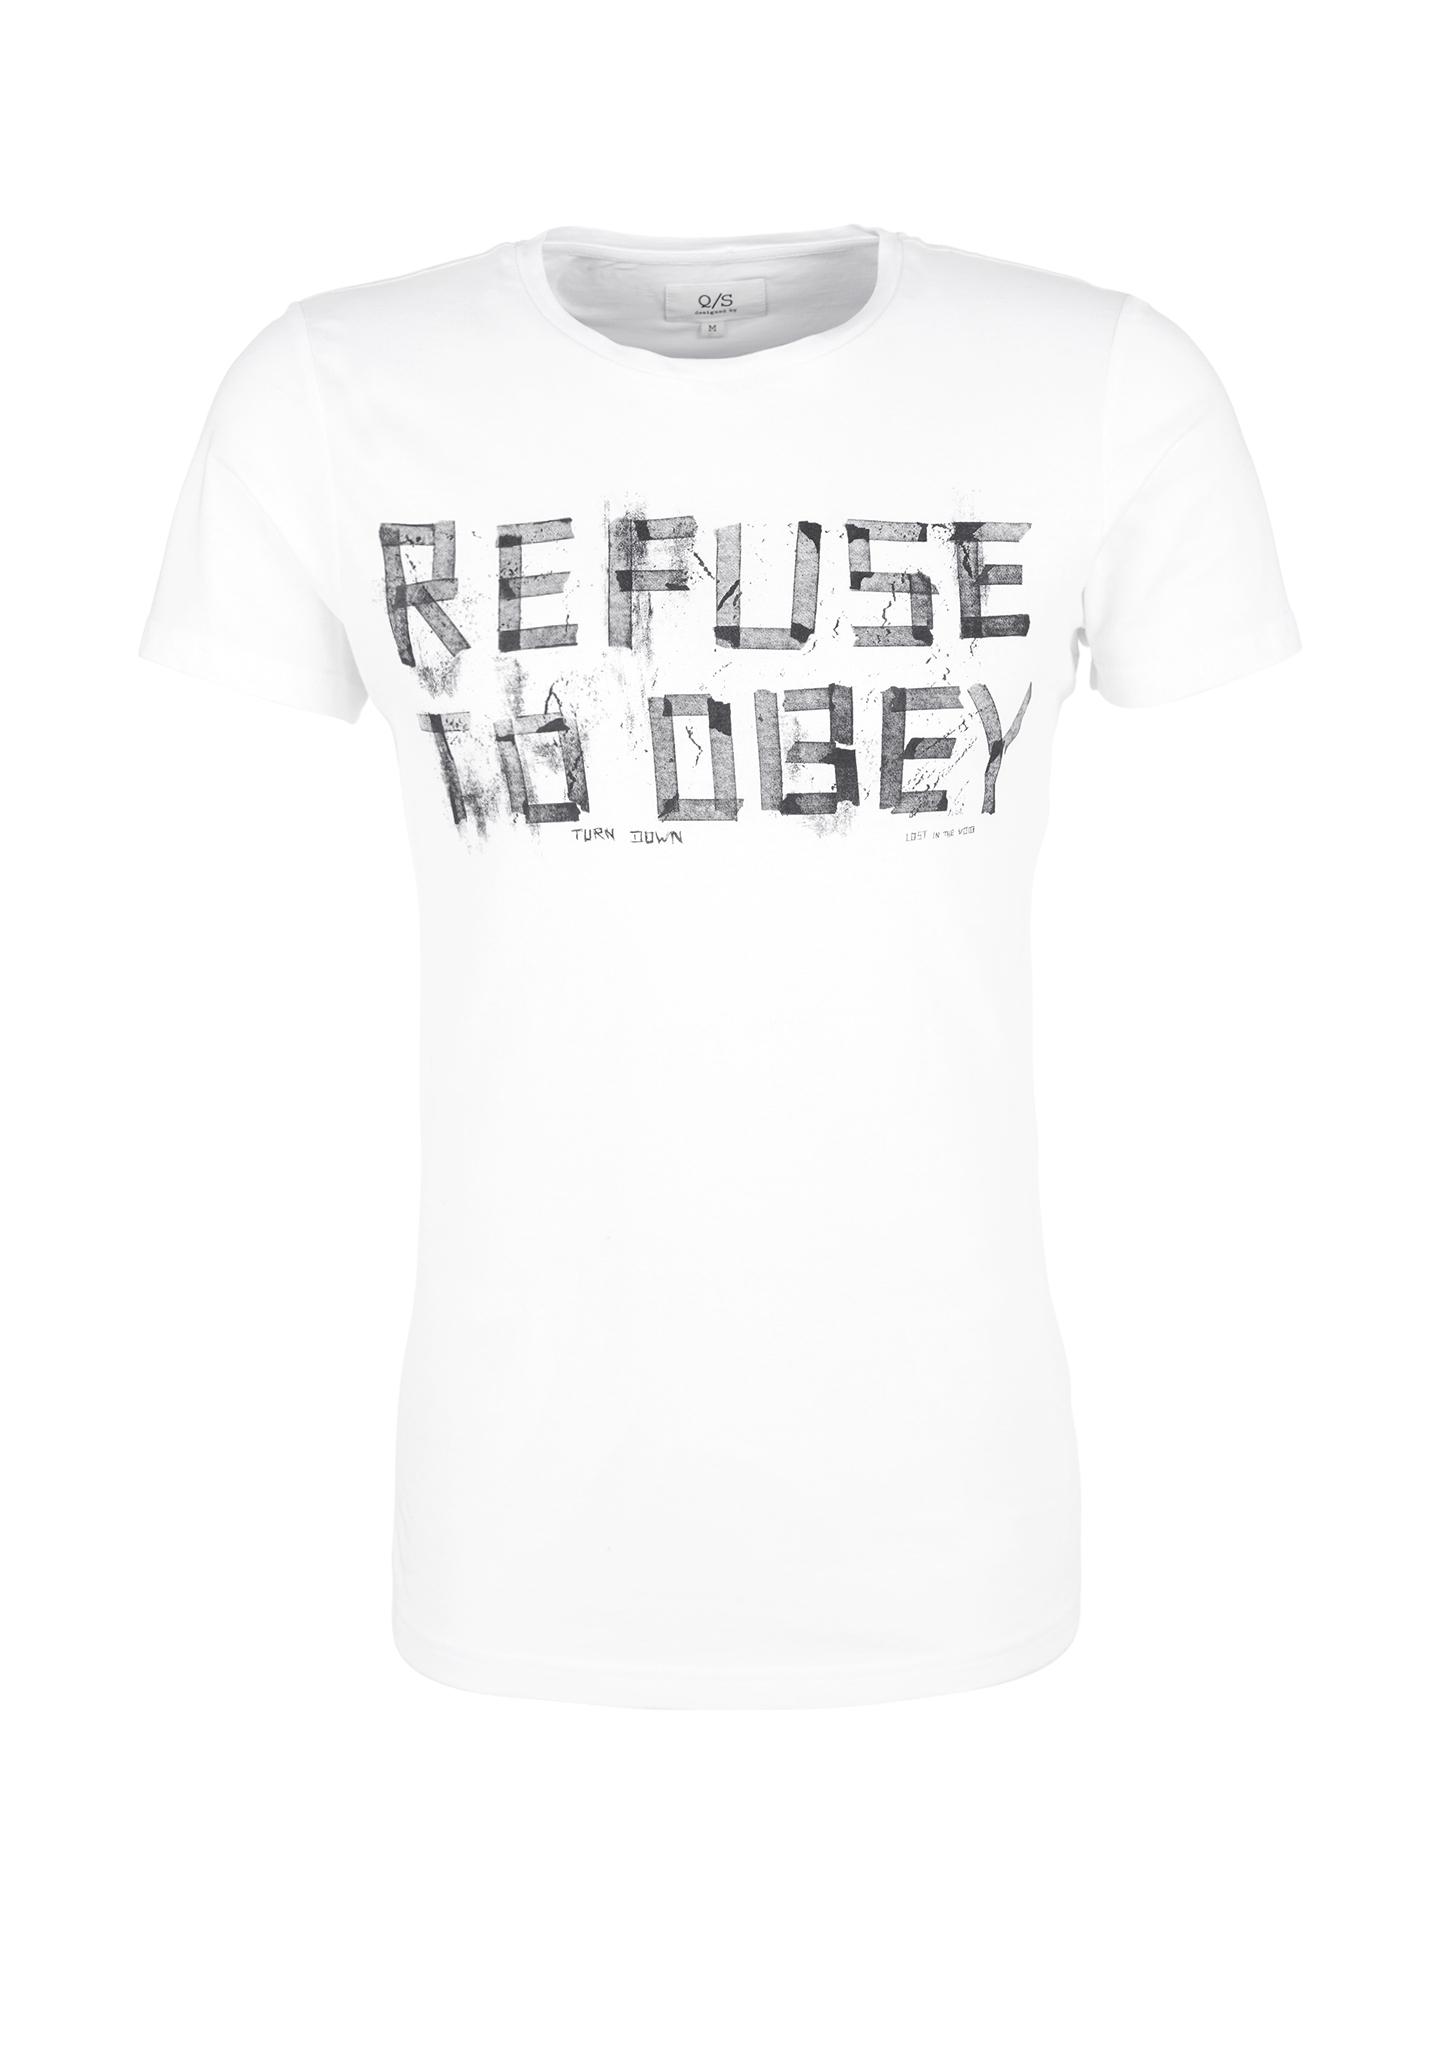 T-Shirt | Bekleidung > Shirts > Sonstige Shirts | Weiß | 100% baumwolle | Q/S designed by